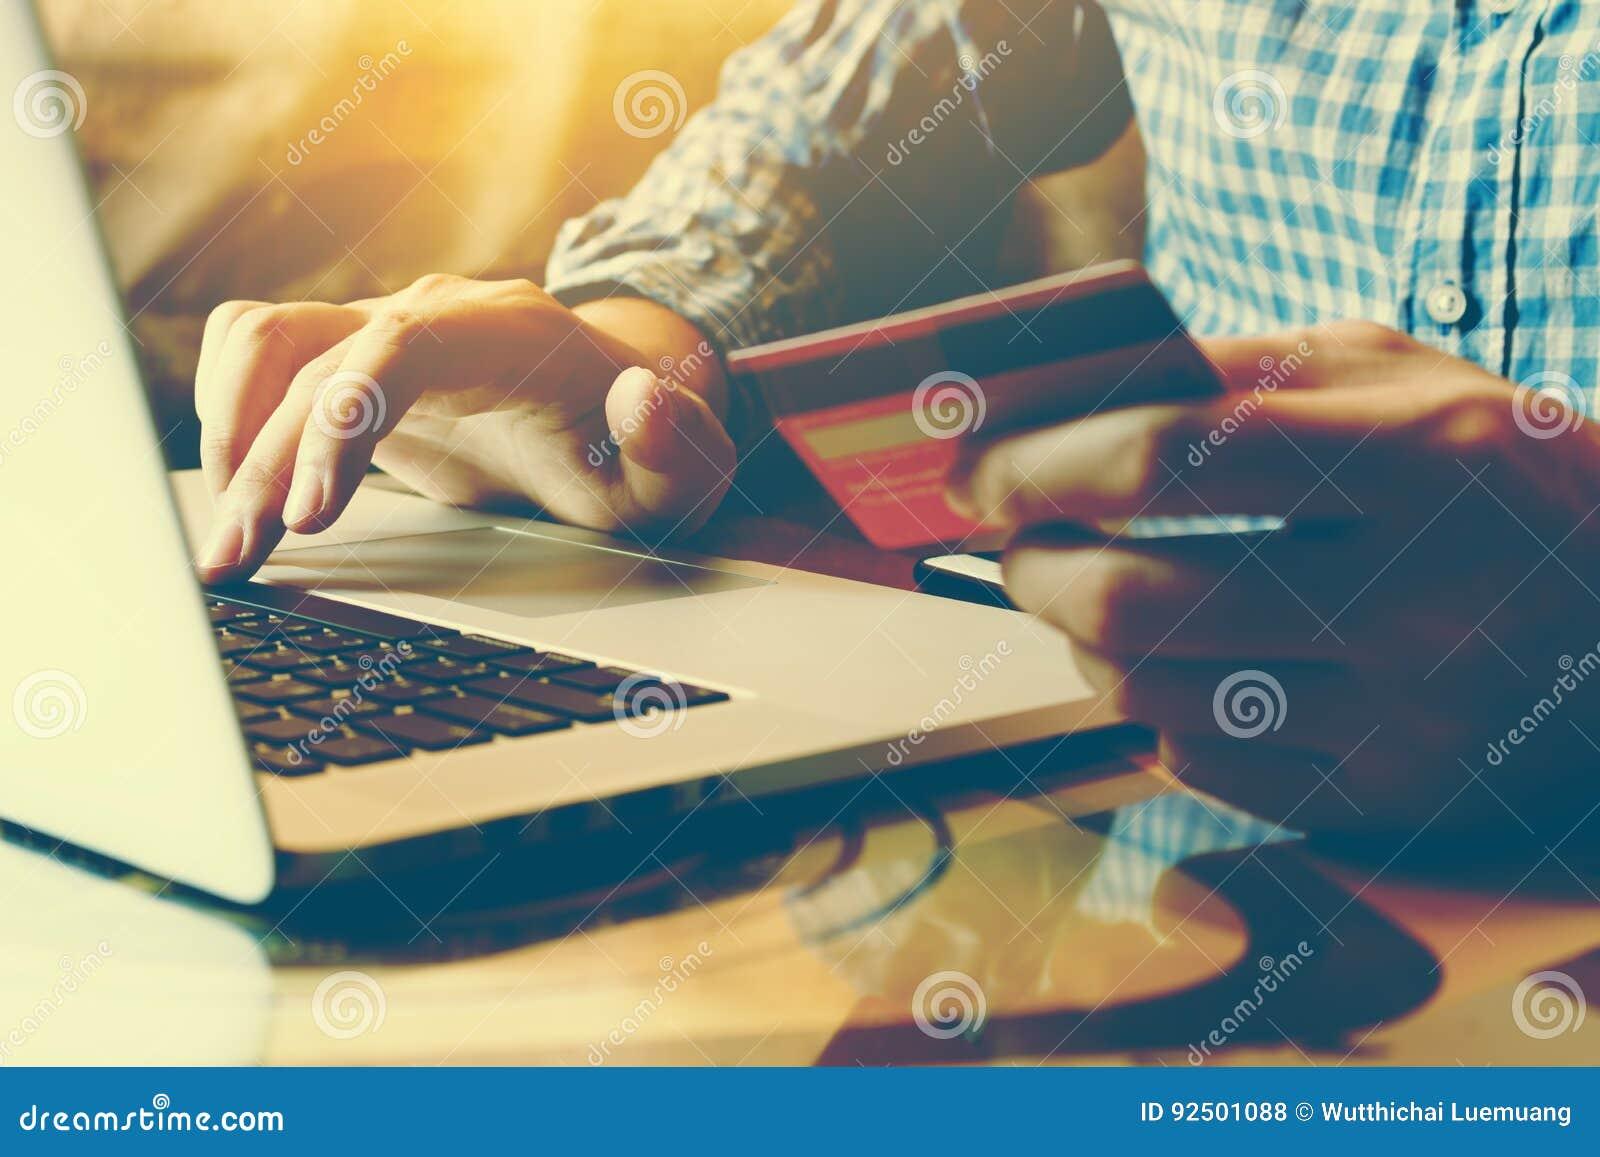 Equipe o teclado de datilografia do portátil e guardar o cartão de crédito com s em linha